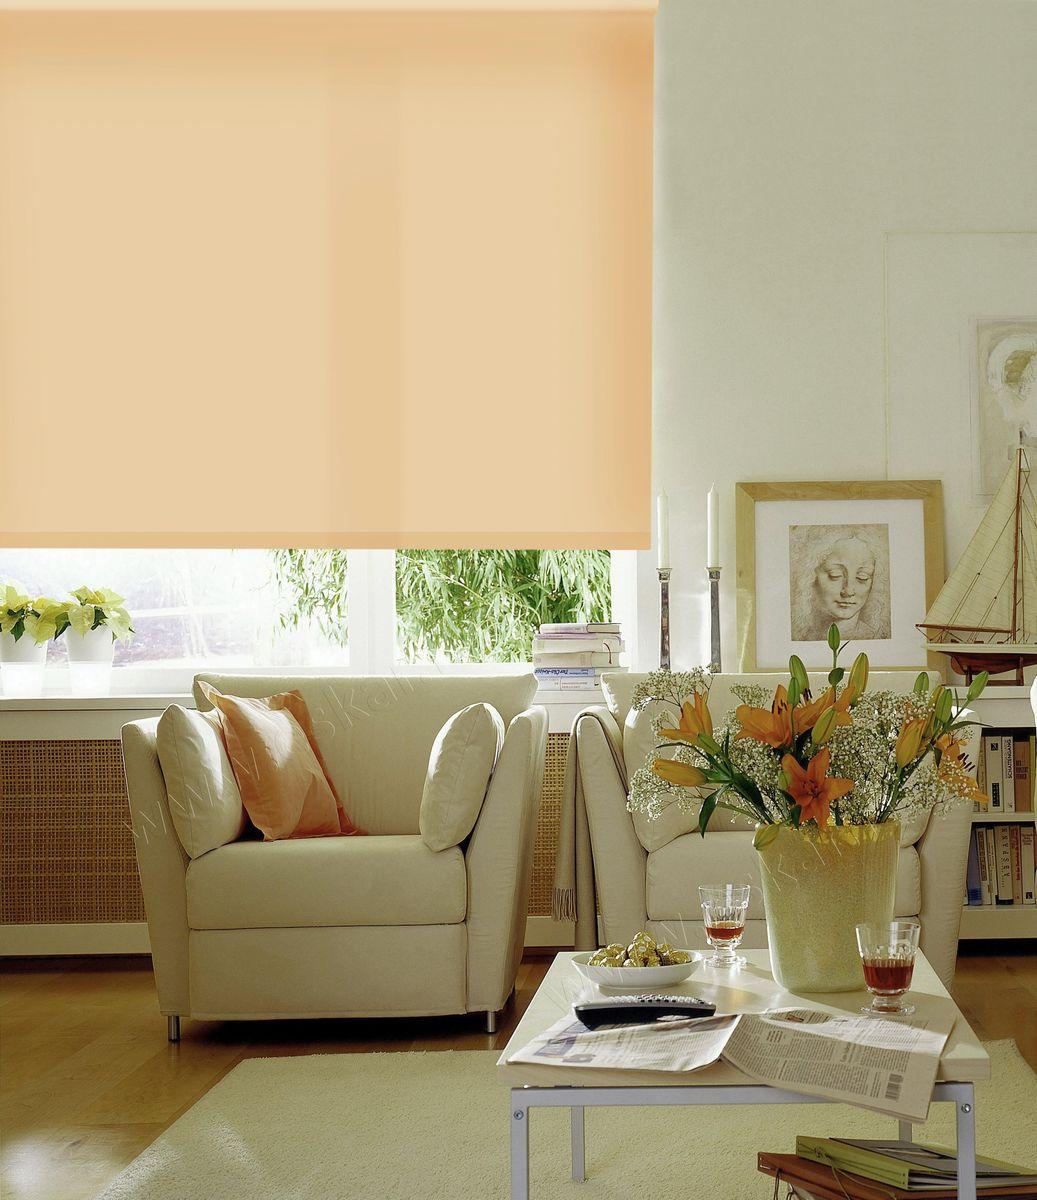 Штора рулонная Эскар, цвет: светло-абрикосовый, ширина 120 см, высота 170 смSS 4041Рулонными шторами можно оформлять окна как самостоятельно, так и использовать в комбинации с портьерами. Это поможет предотвратить выгорание дорогой ткани на солнце и соединит функционал рулонных с красотой навесных.Преимущества применения рулонных штор для пластиковых окон:- имеют прекрасный внешний вид: многообразие и фактурность материала изделия отлично смотрятся в любом интерьере; - многофункциональны: есть возможность подобрать шторы способные эффективно защитить комнату от солнца, при этом о на не будет слишком темной. - Есть возможность осуществить быстрый монтаж. ВНИМАНИЕ! Размеры ширины изделия указаны по ширине ткани!Во время эксплуатации не рекомендуется полностью разматывать рулон, чтобы не оторвать ткань от намоточного вала.В случае загрязнения поверхности ткани, чистку шторы проводят одним из способов, в зависимости от типа загрязнения: легкое поверхностное загрязнение можно удалить при помощи канцелярского ластика; чистка от пыли производится сухим методом при помощи пылесоса с мягкой щеткой-насадкой; для удаления пятна используйте мягкую губку с пенообразующим неагрессивным моющим средством или пятновыводитель на натуральной основе (нельзя применять растворители).